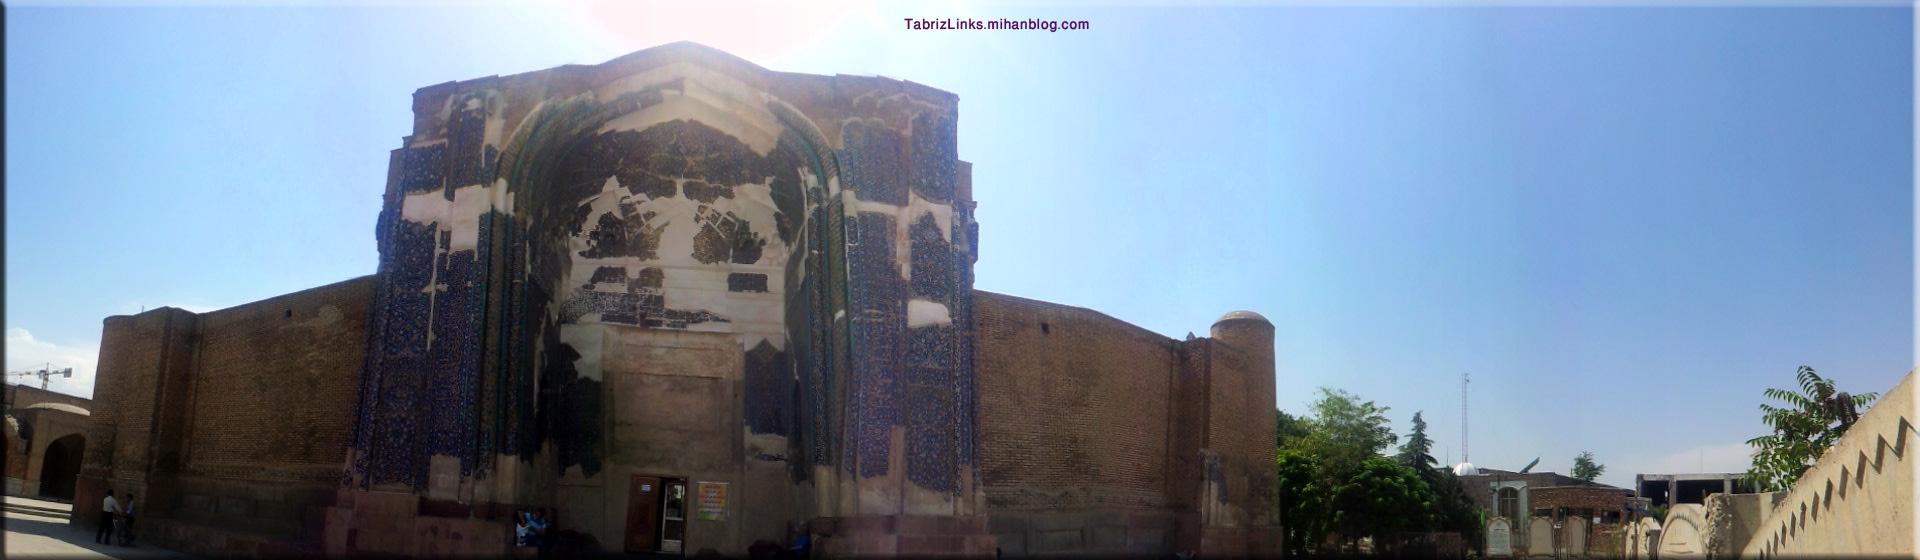 پانارومای مسجد کبود